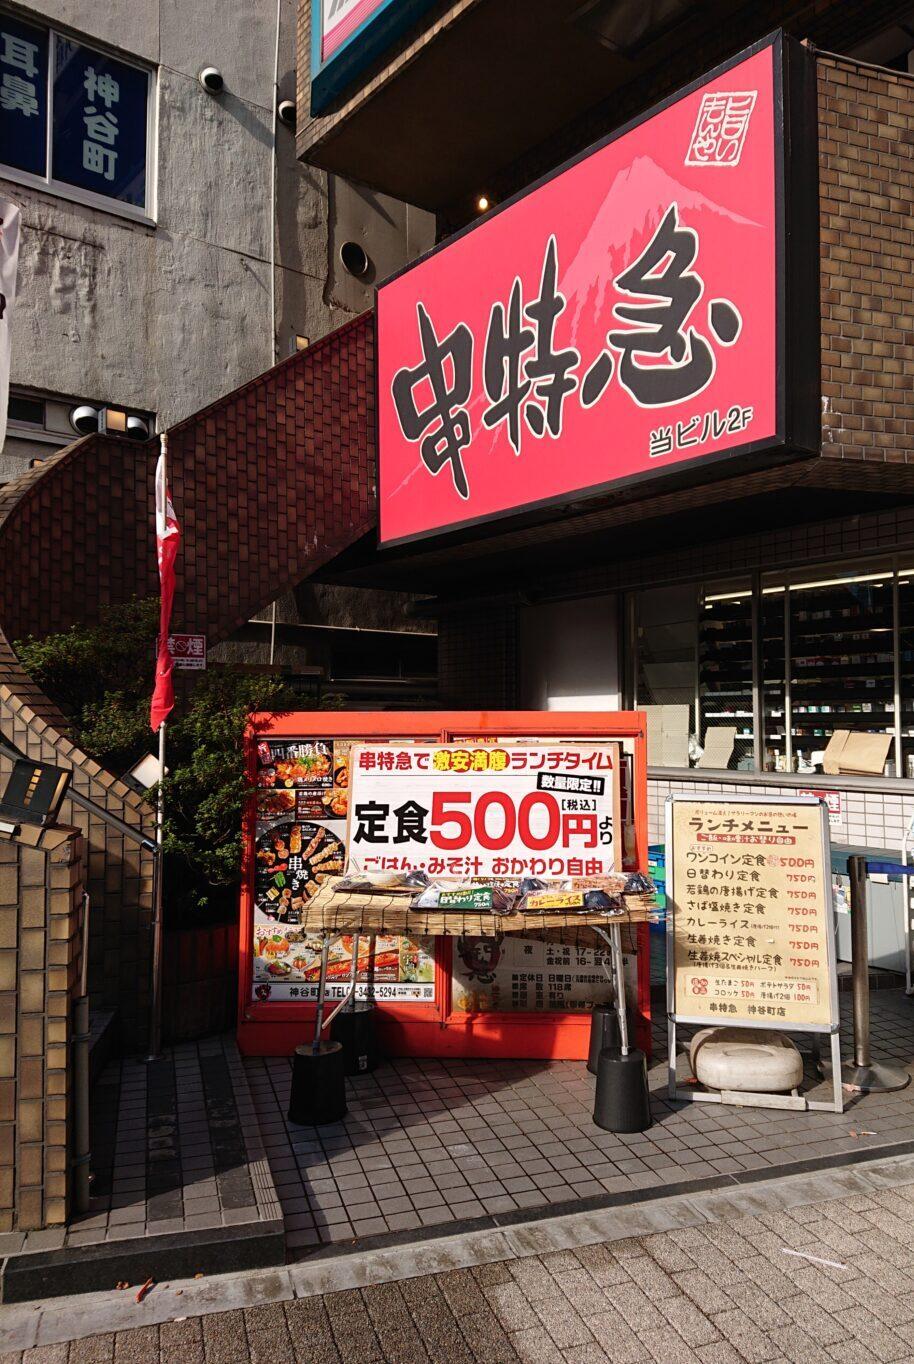 串特急 神谷町店 (くしとっきゅう) 外観